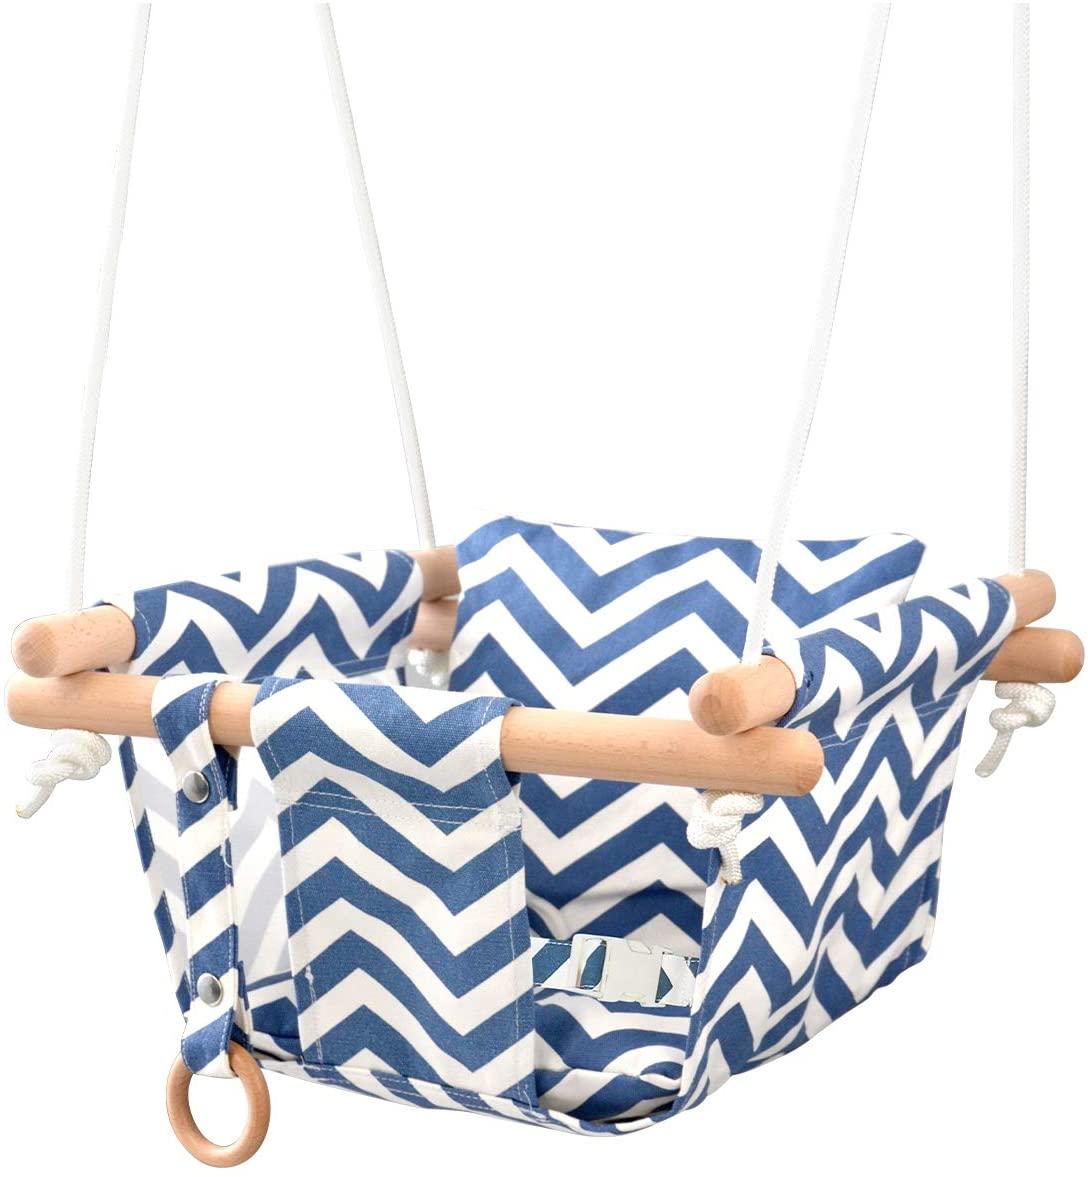 HAPPY PIE PLAY&ADVENTURE Best Swing Seat Indoor Outdoor